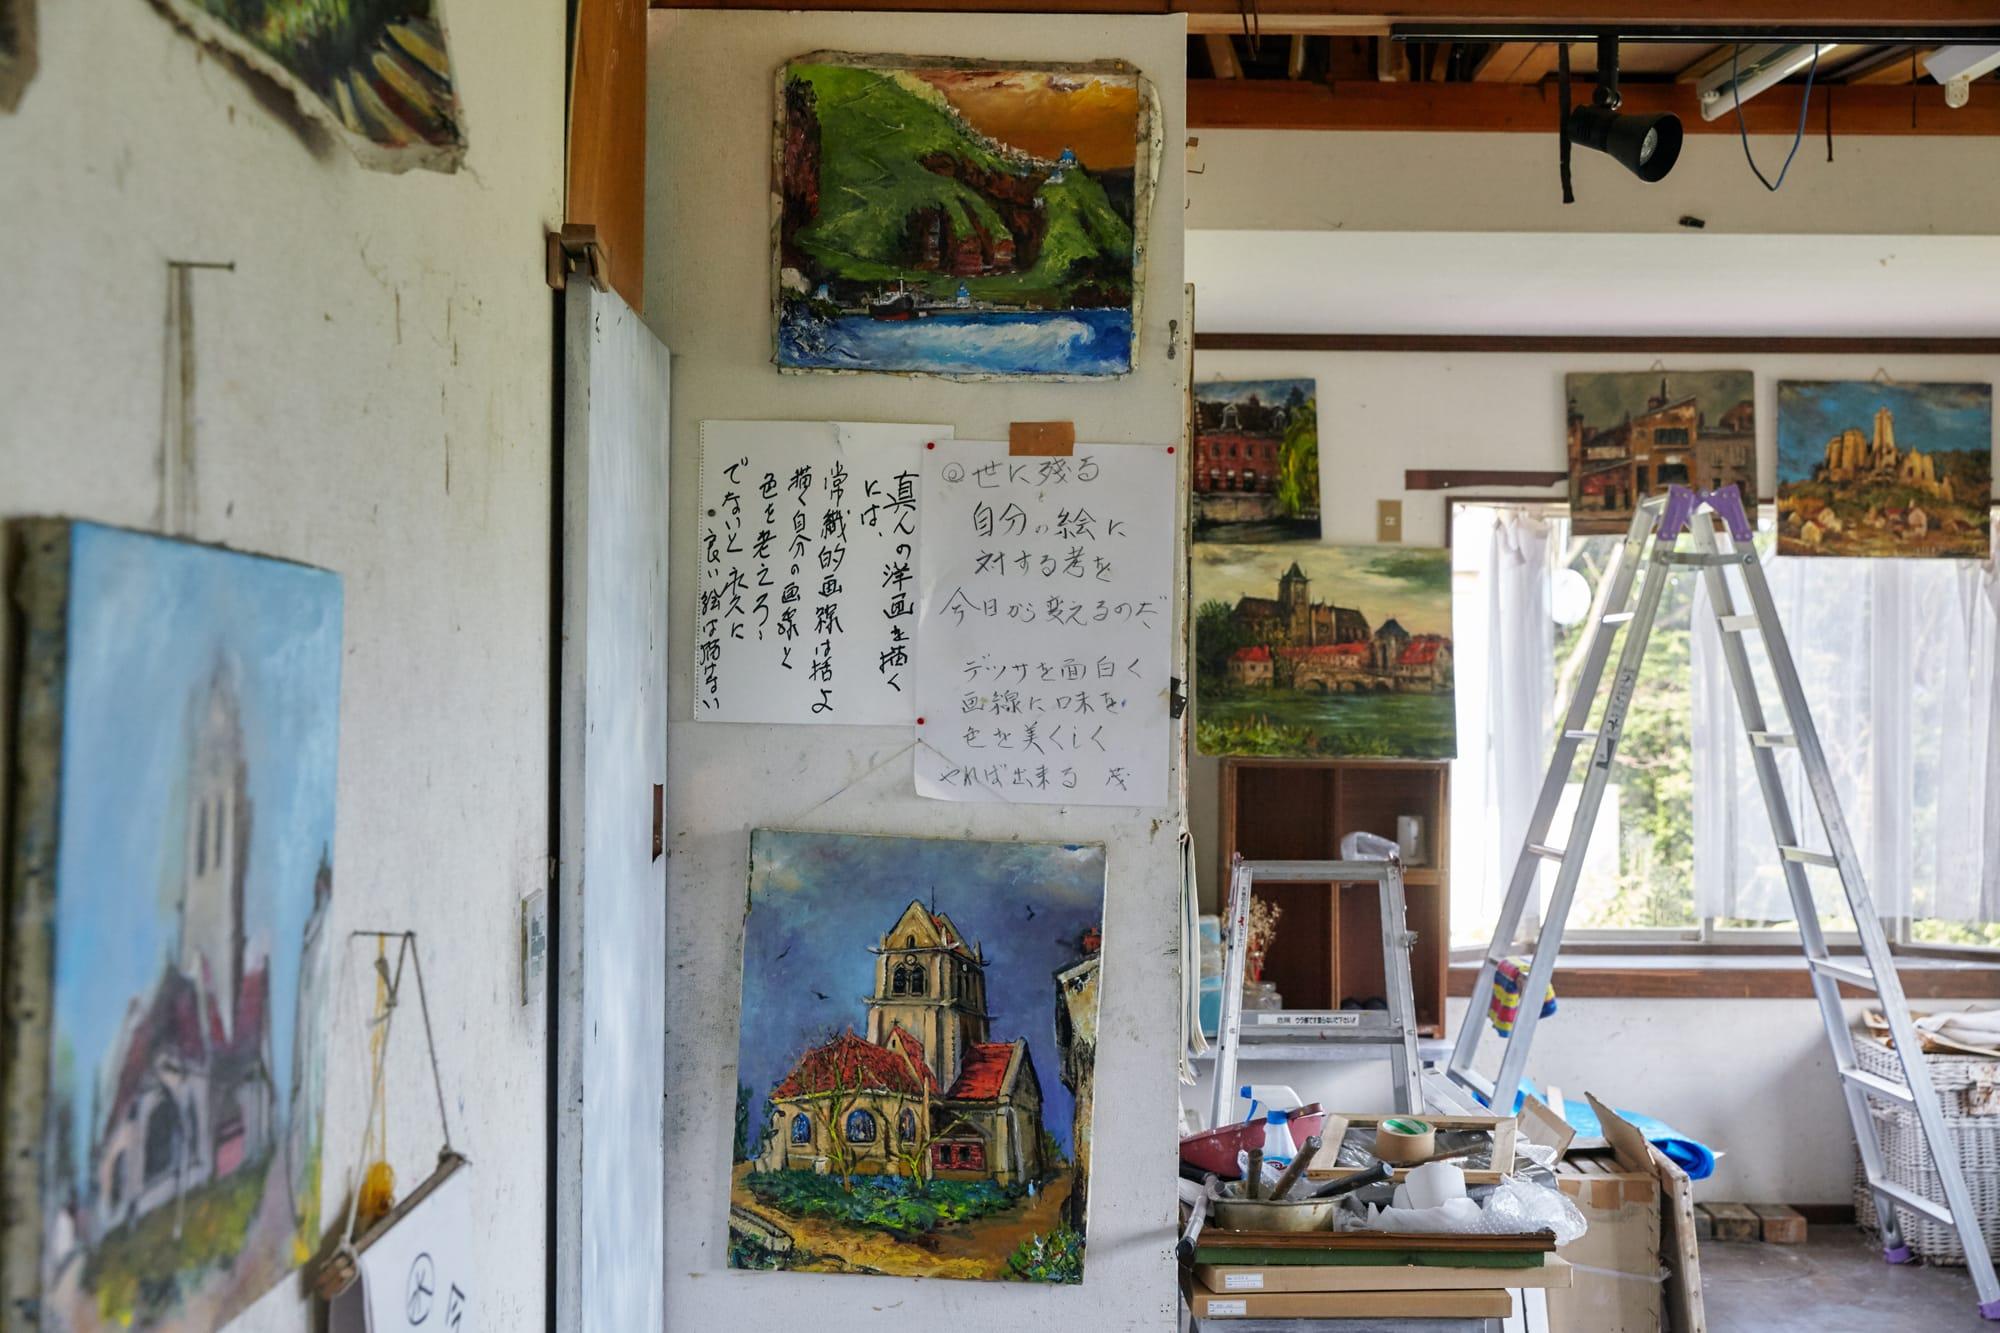 亡くなった今もそのままの形で残されている、山川さんのアトリエ。修行時代、本間さんはこの空間で山川さんと一緒に絵を描き続けた。窓の外には緑が広がっている。